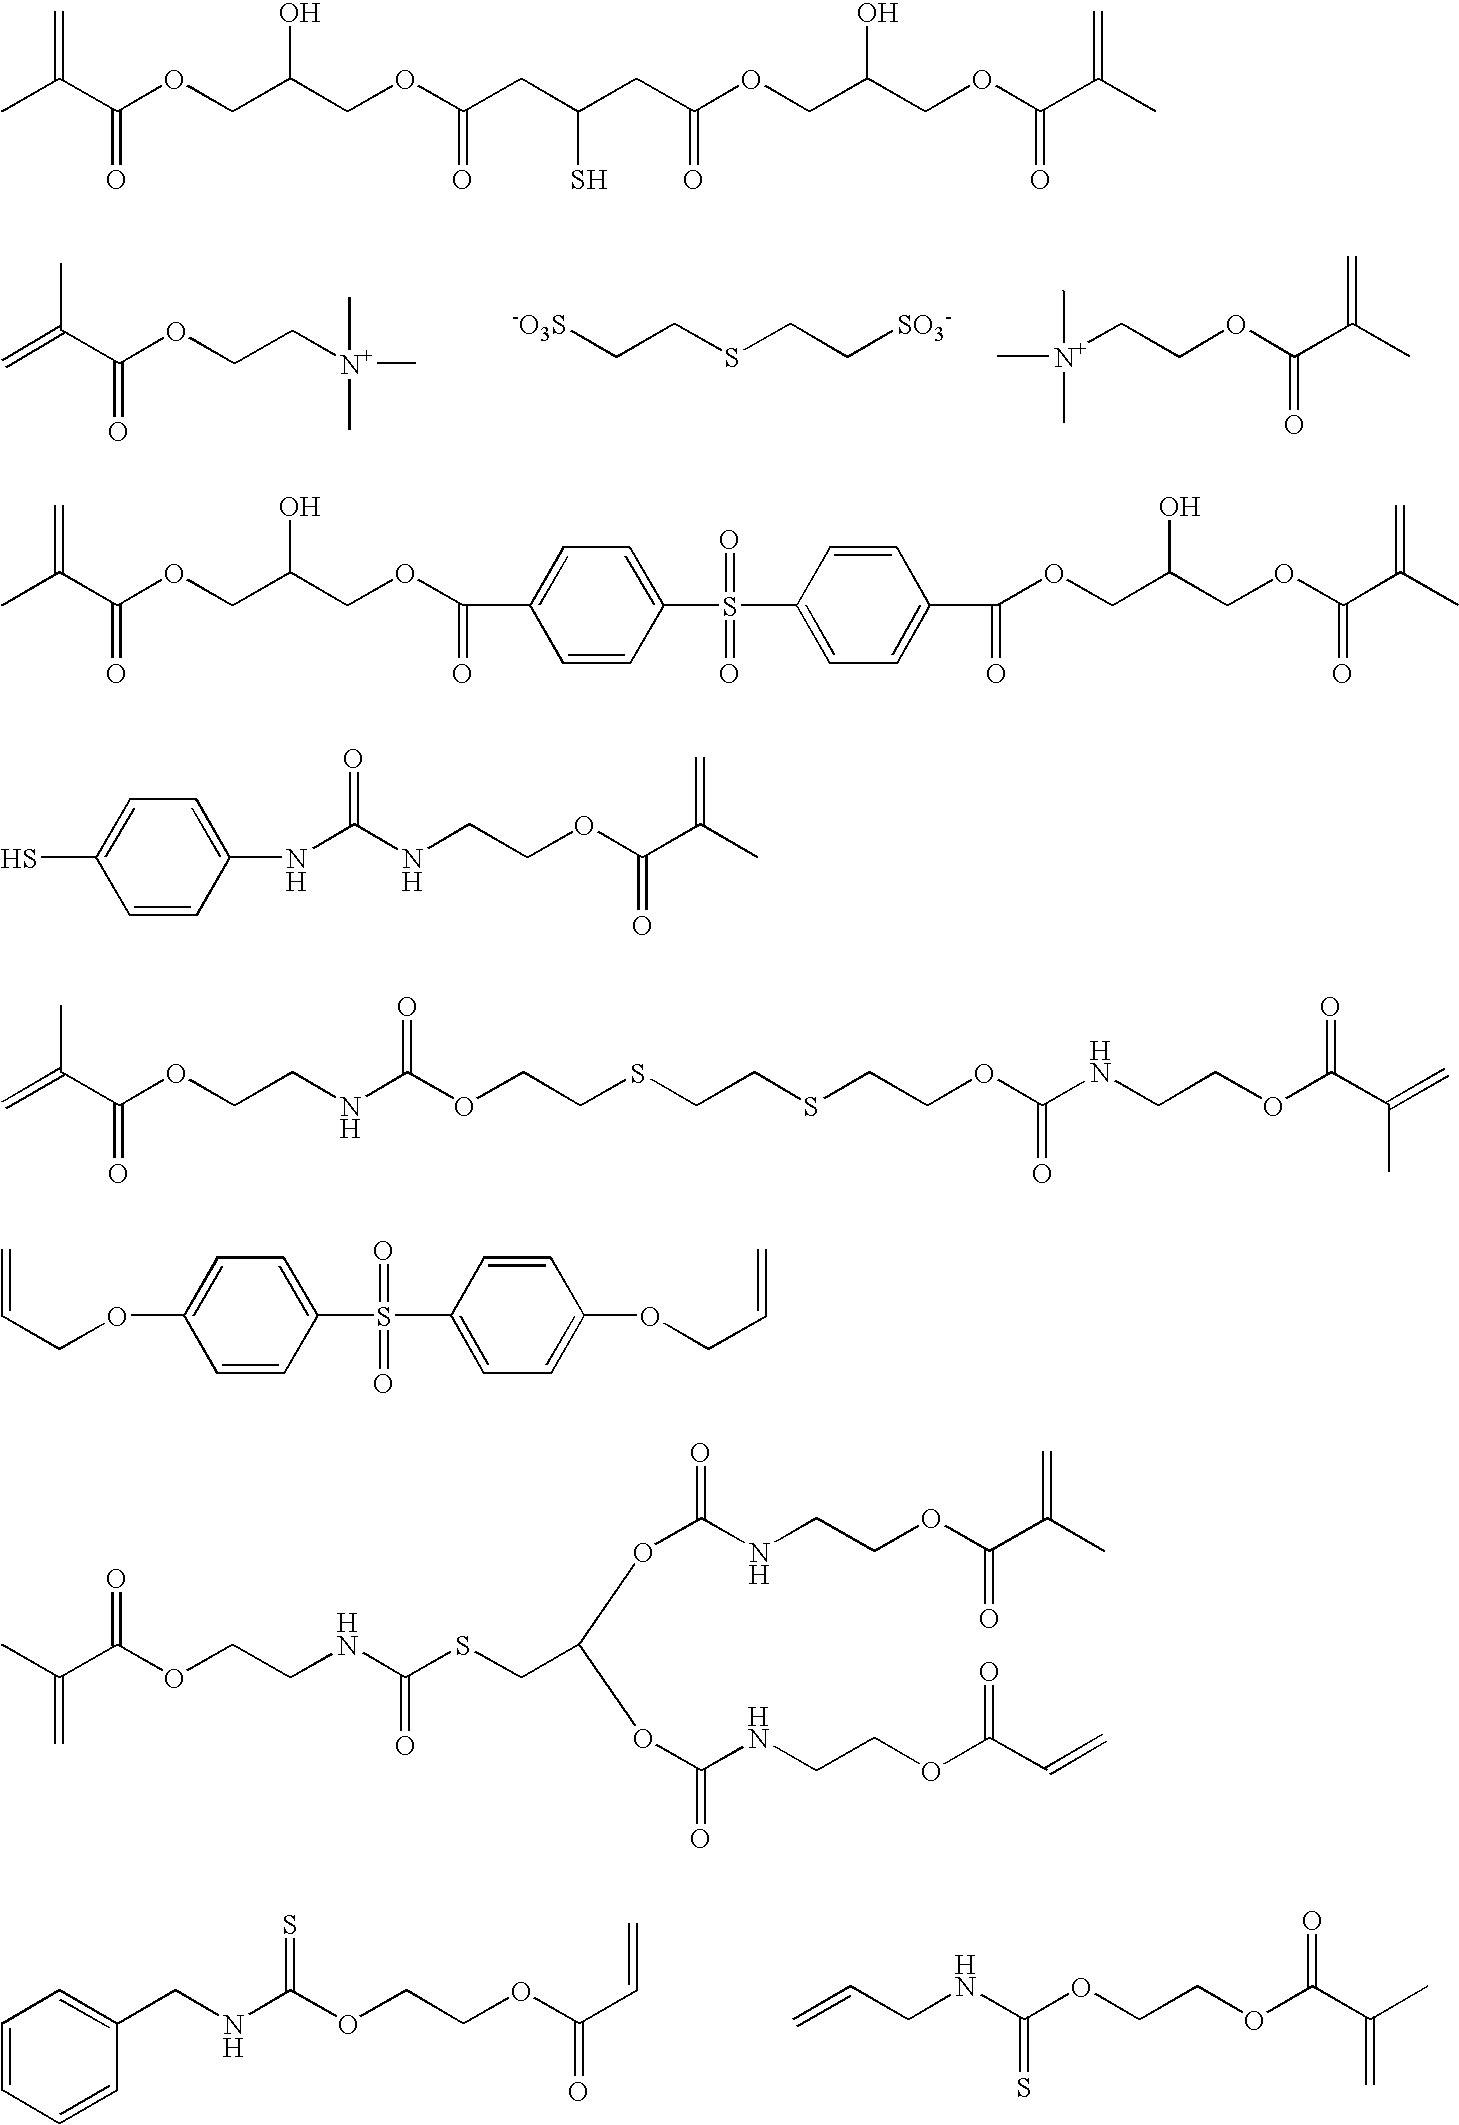 Figure US20090246653A1-20091001-C00158